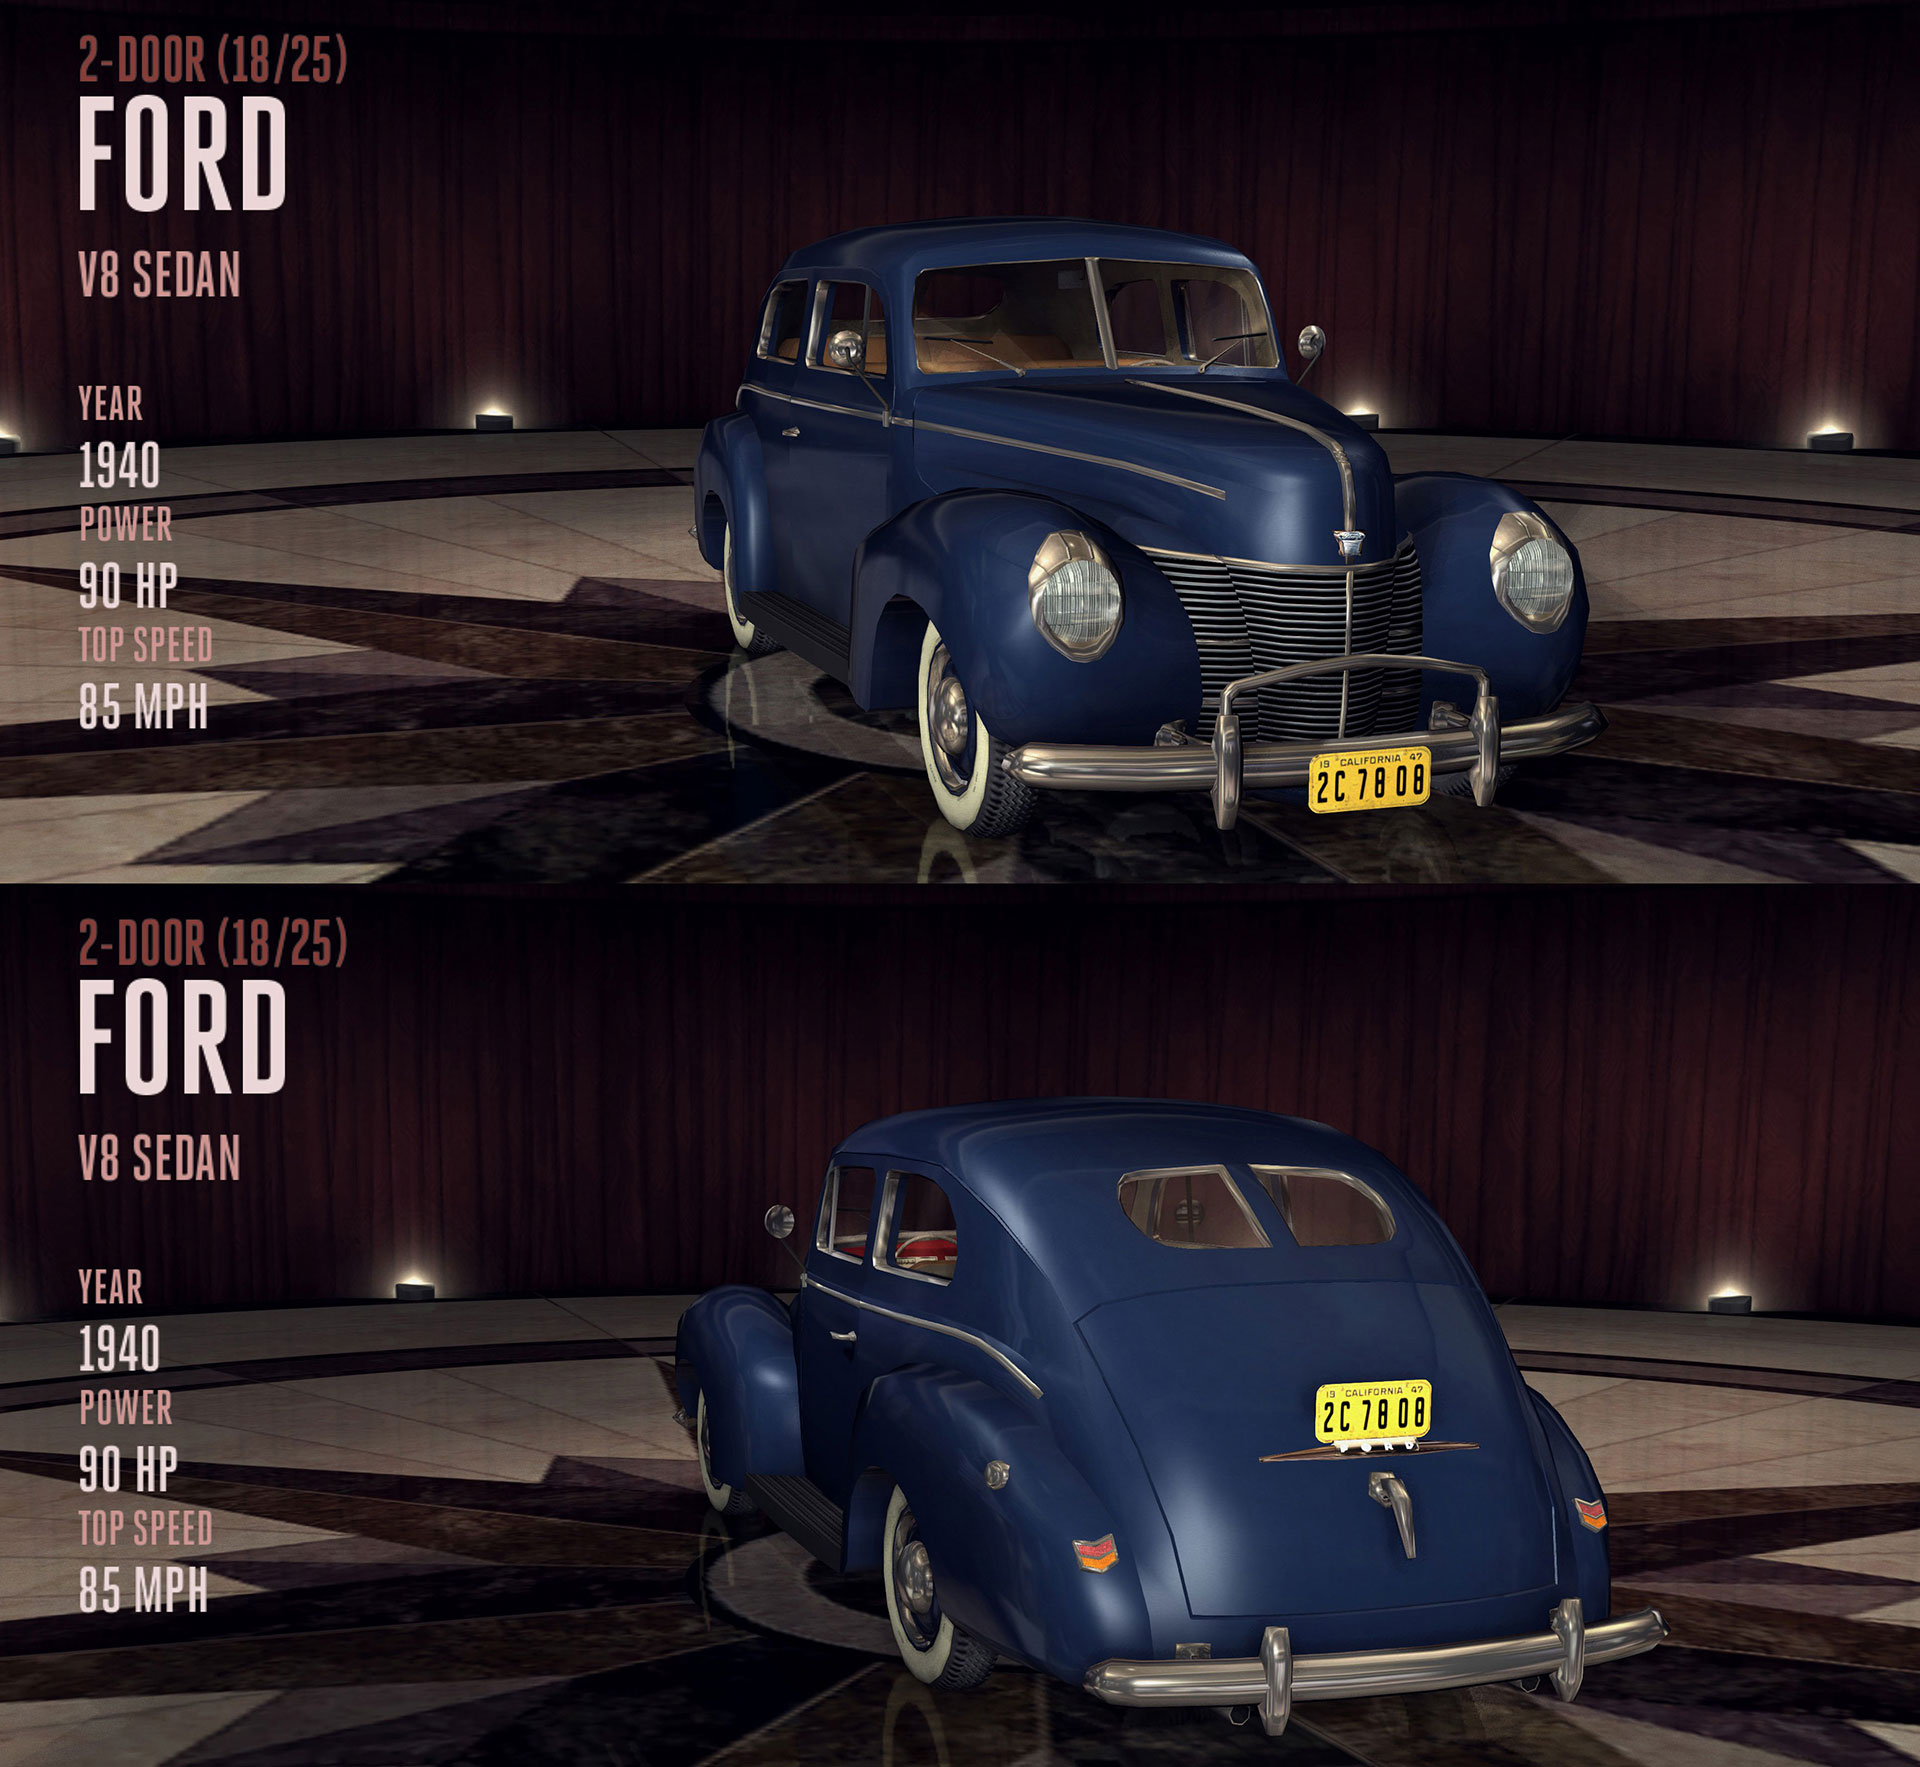 Archivo:1940-ford-v8-sedan.jpg